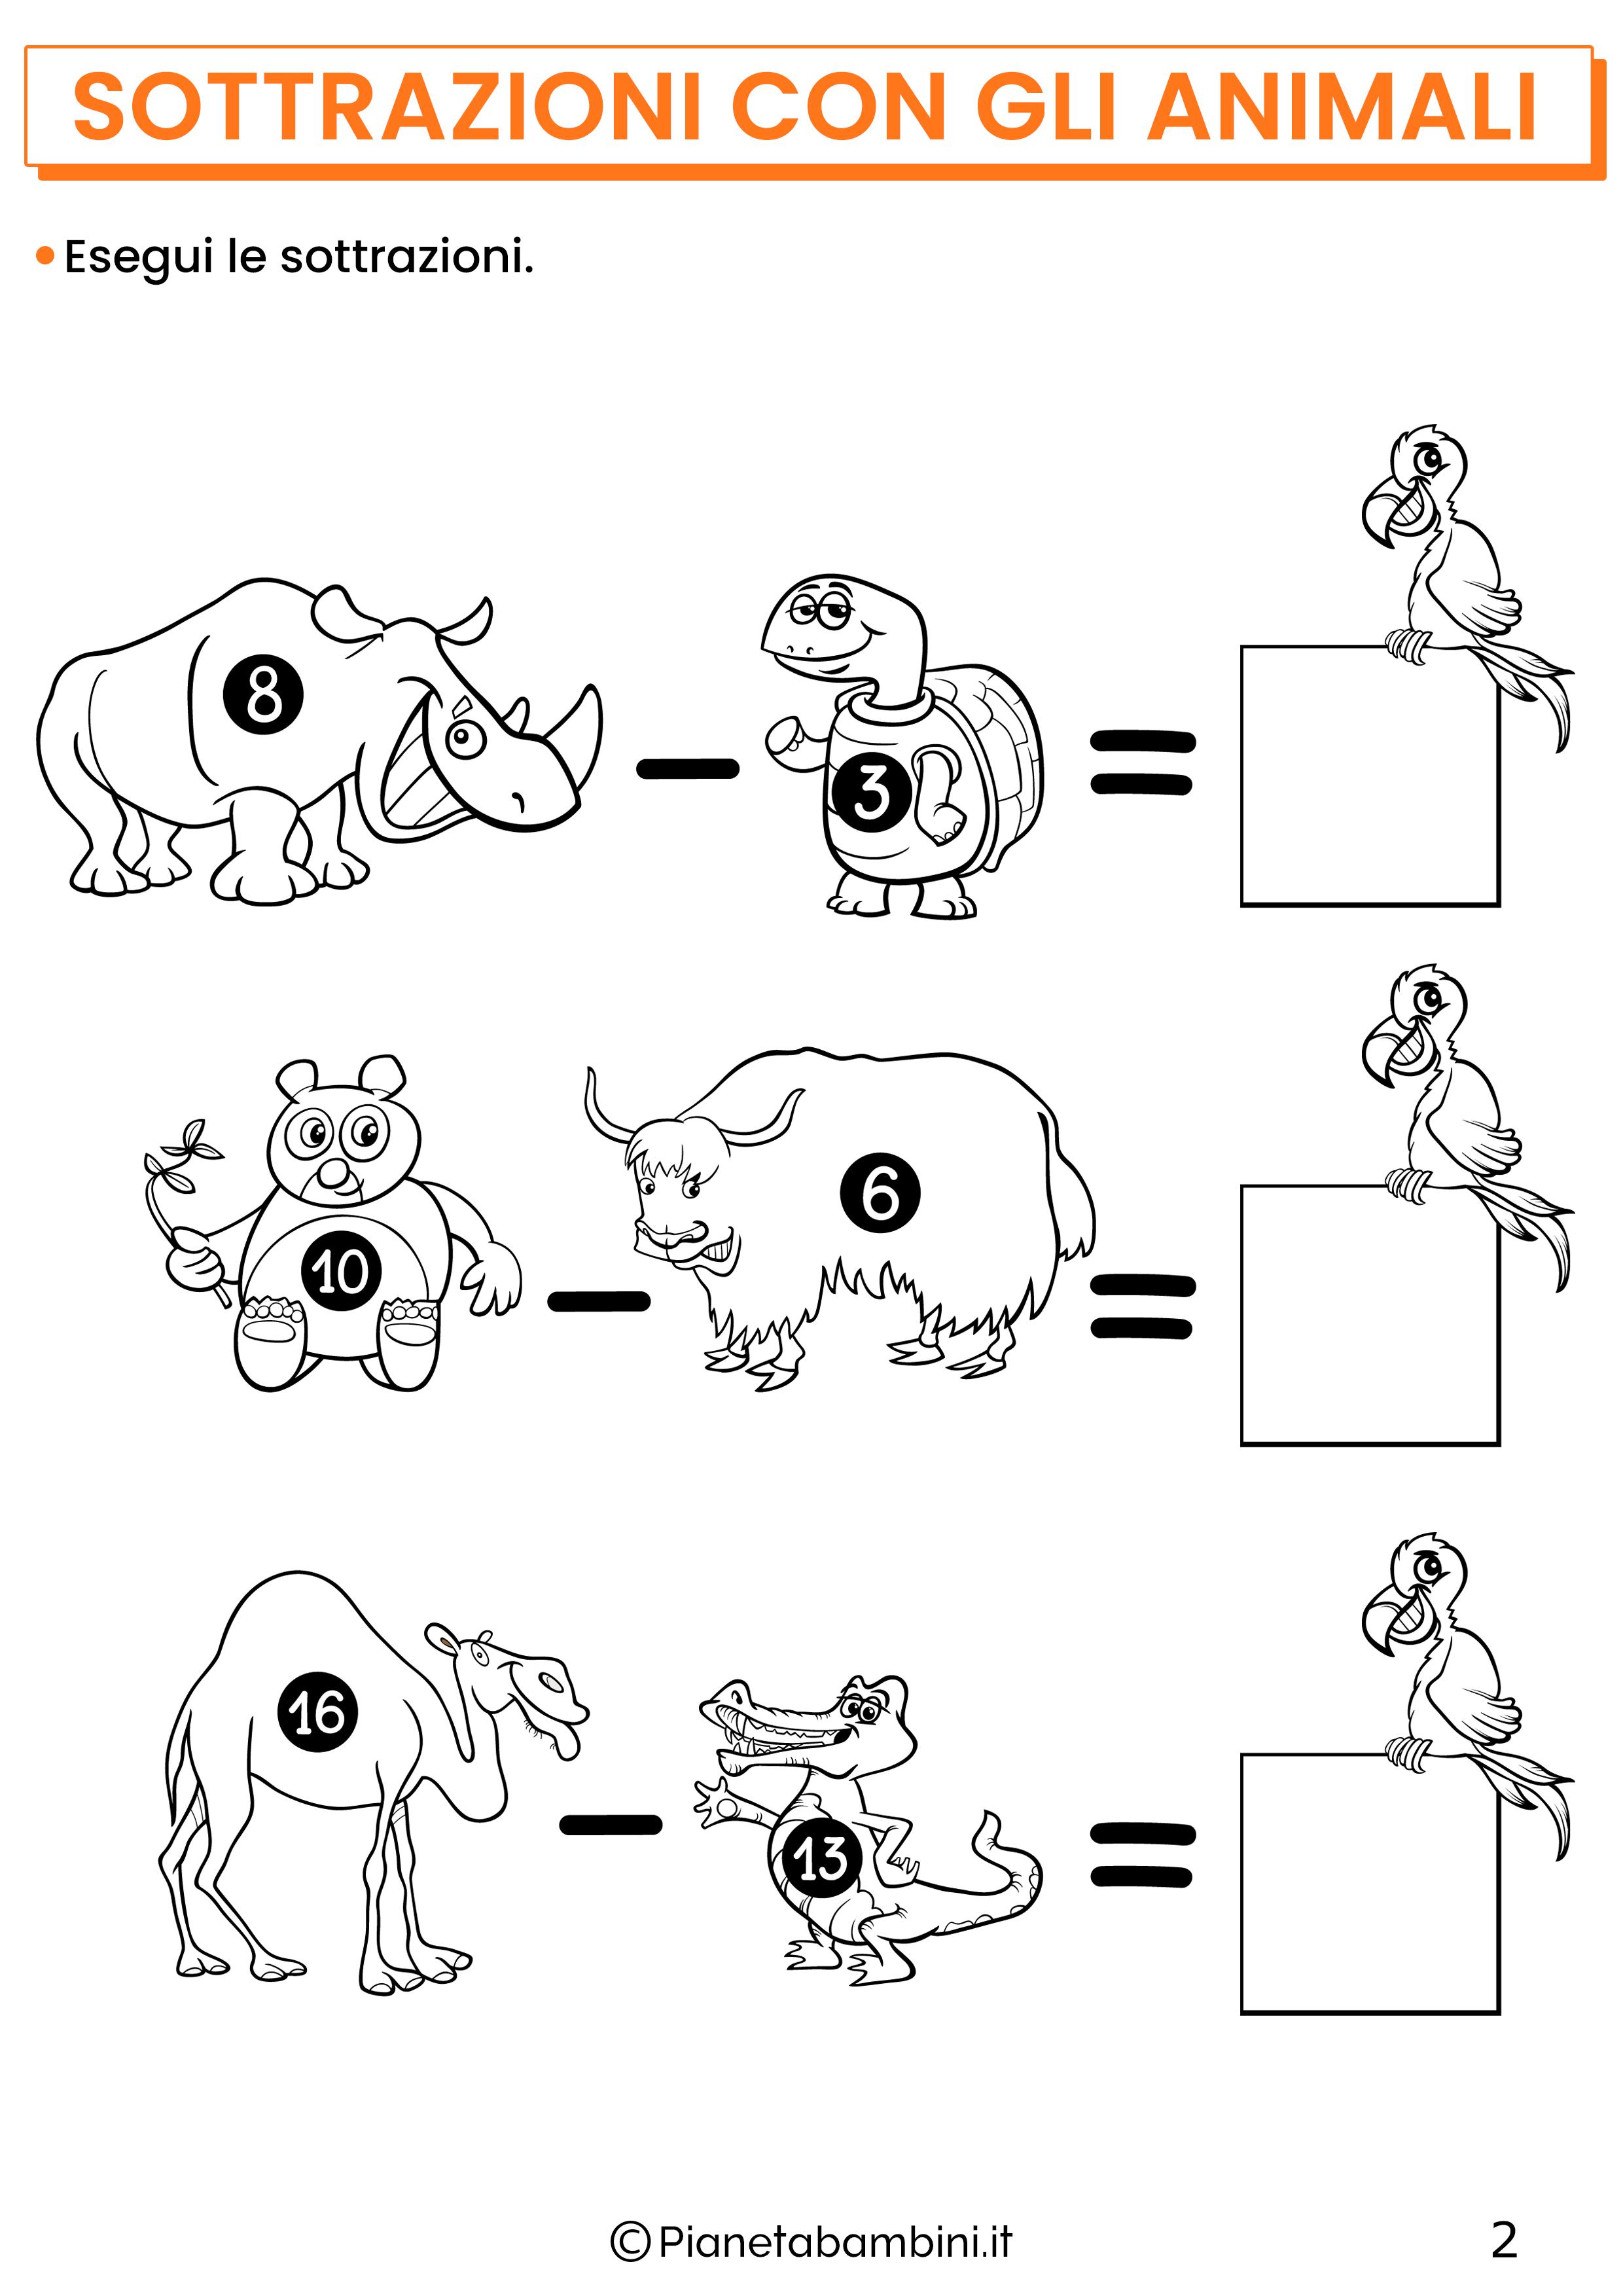 Sottrazioni con gli animali per la classe prima pagina 2